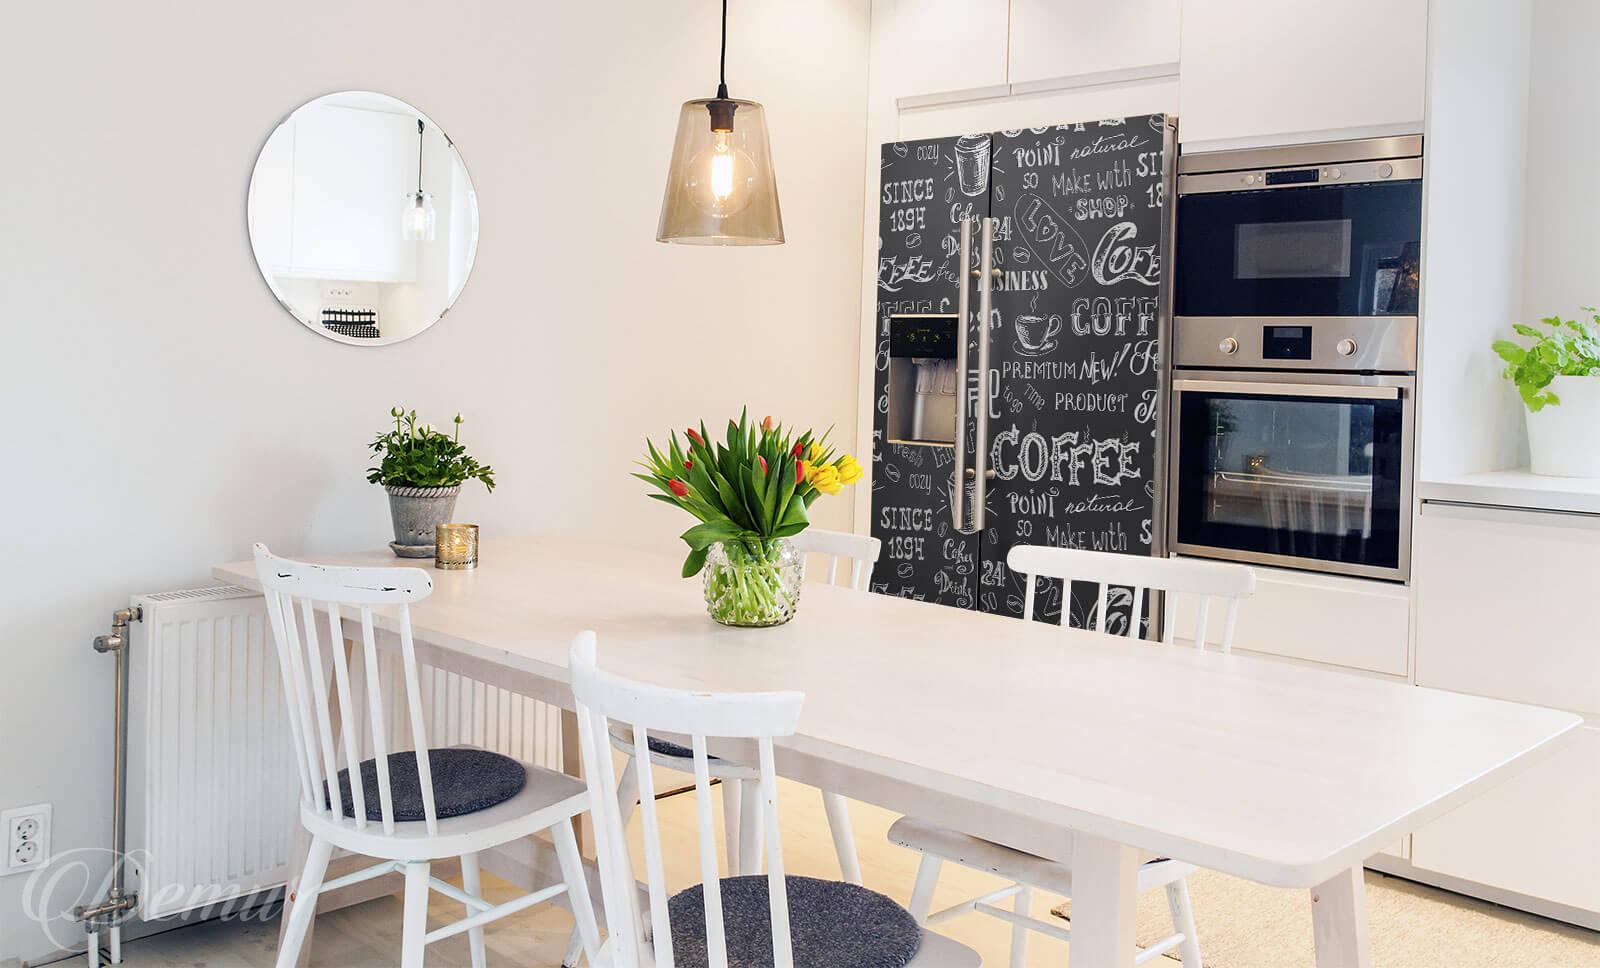 Naklejka Czas na kawę - Naklejka na lodówkę - Demur